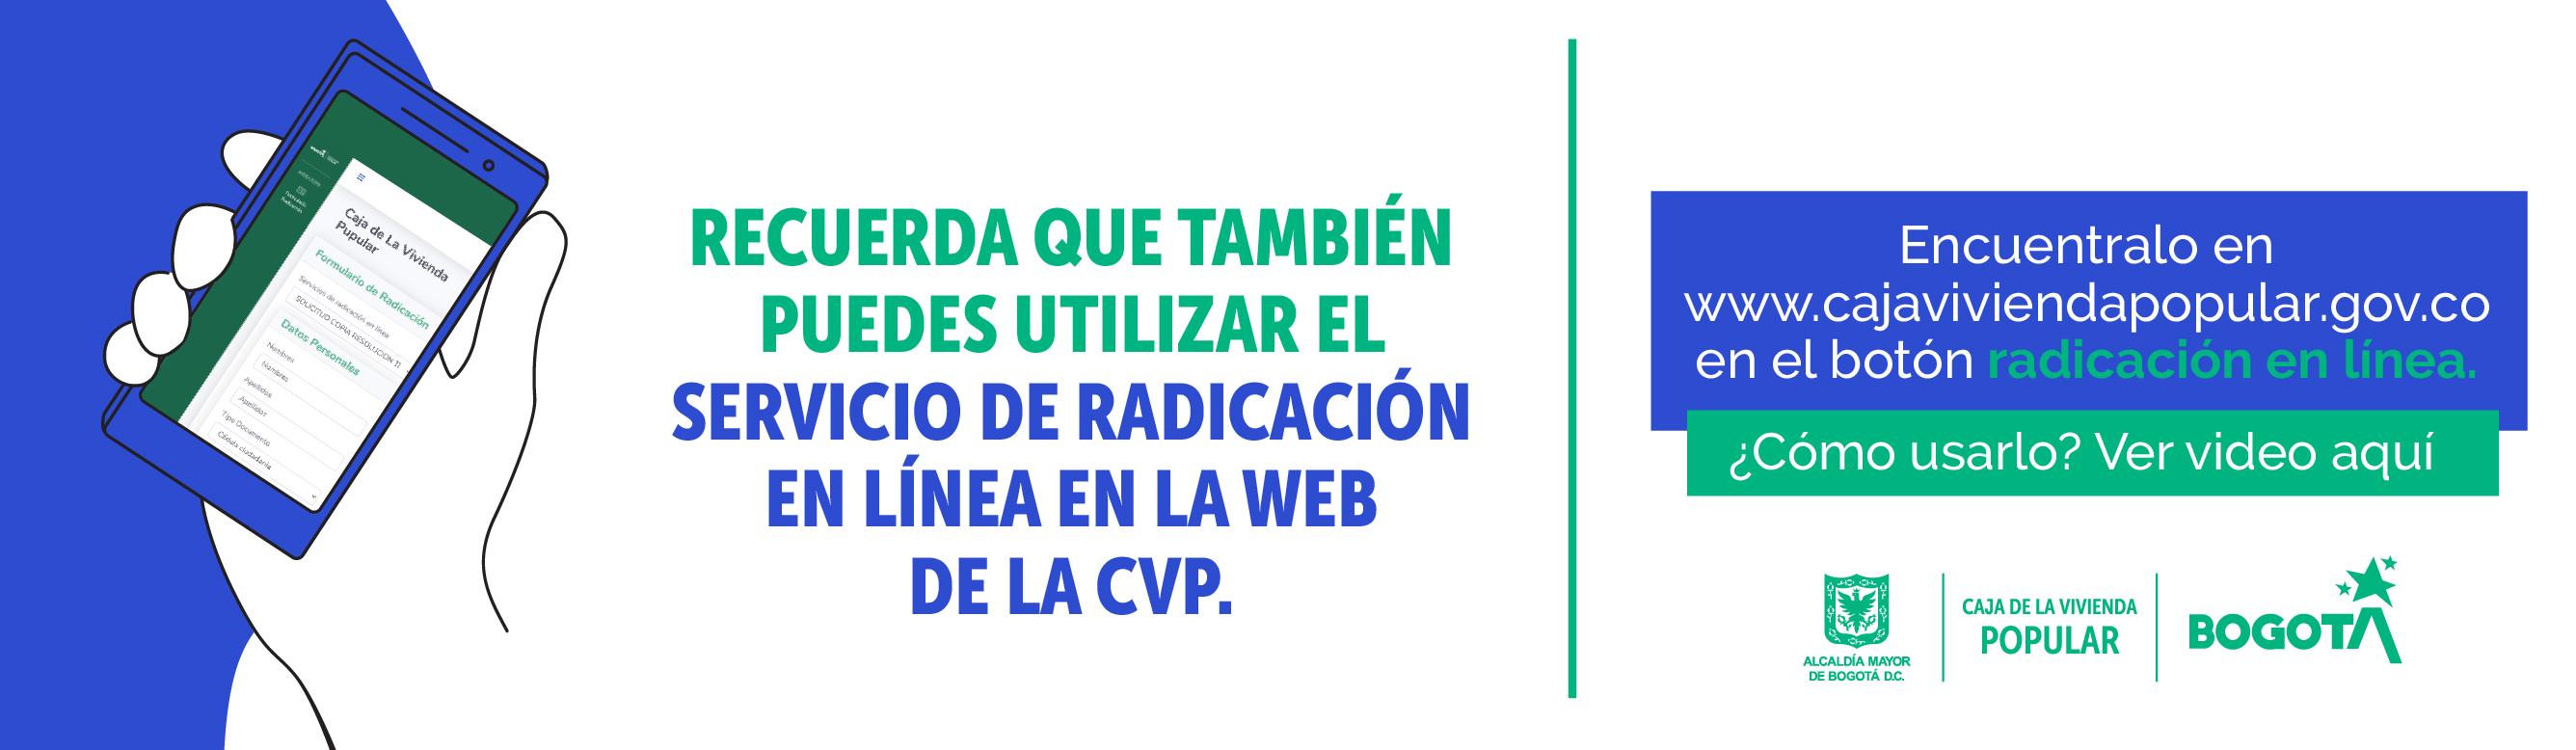 Recuerda que también puedes utilizar el servicio de radicación en línea en la web de la CVP